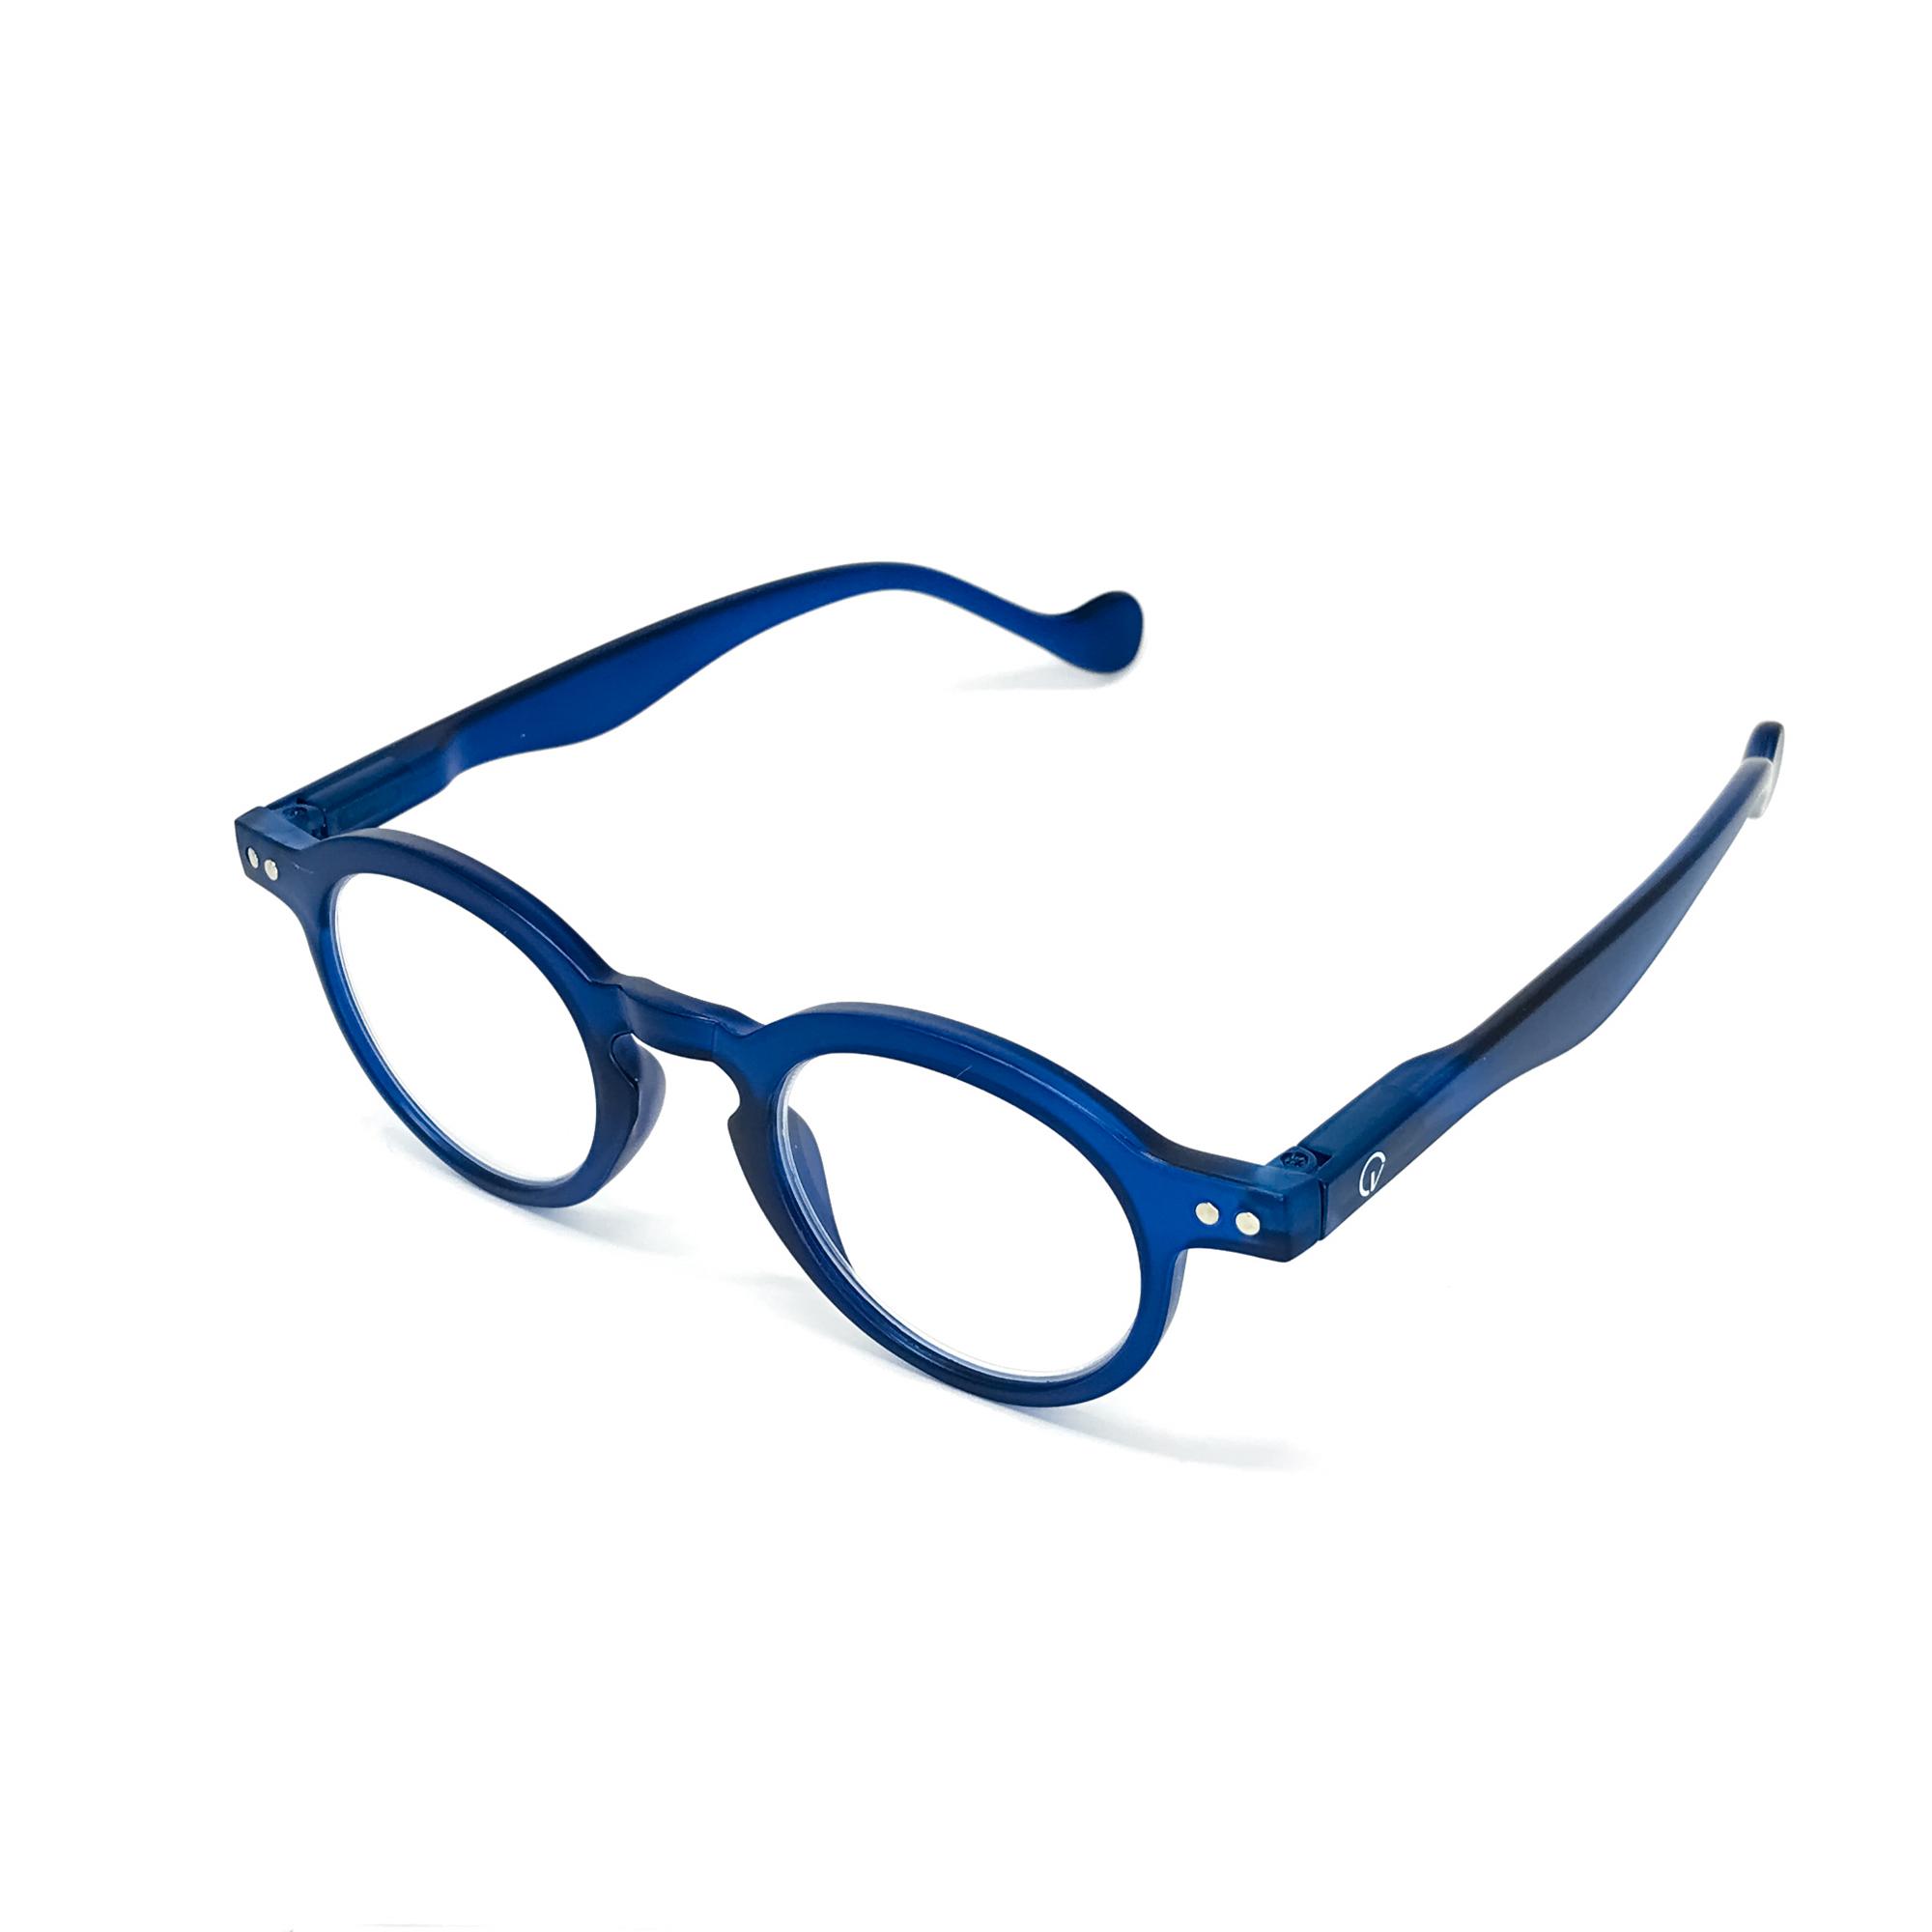 0860052-Óculos Leitura Redondo Azul +1,50 - Contém 1 Peça  - ENTREGA IMEDIATA